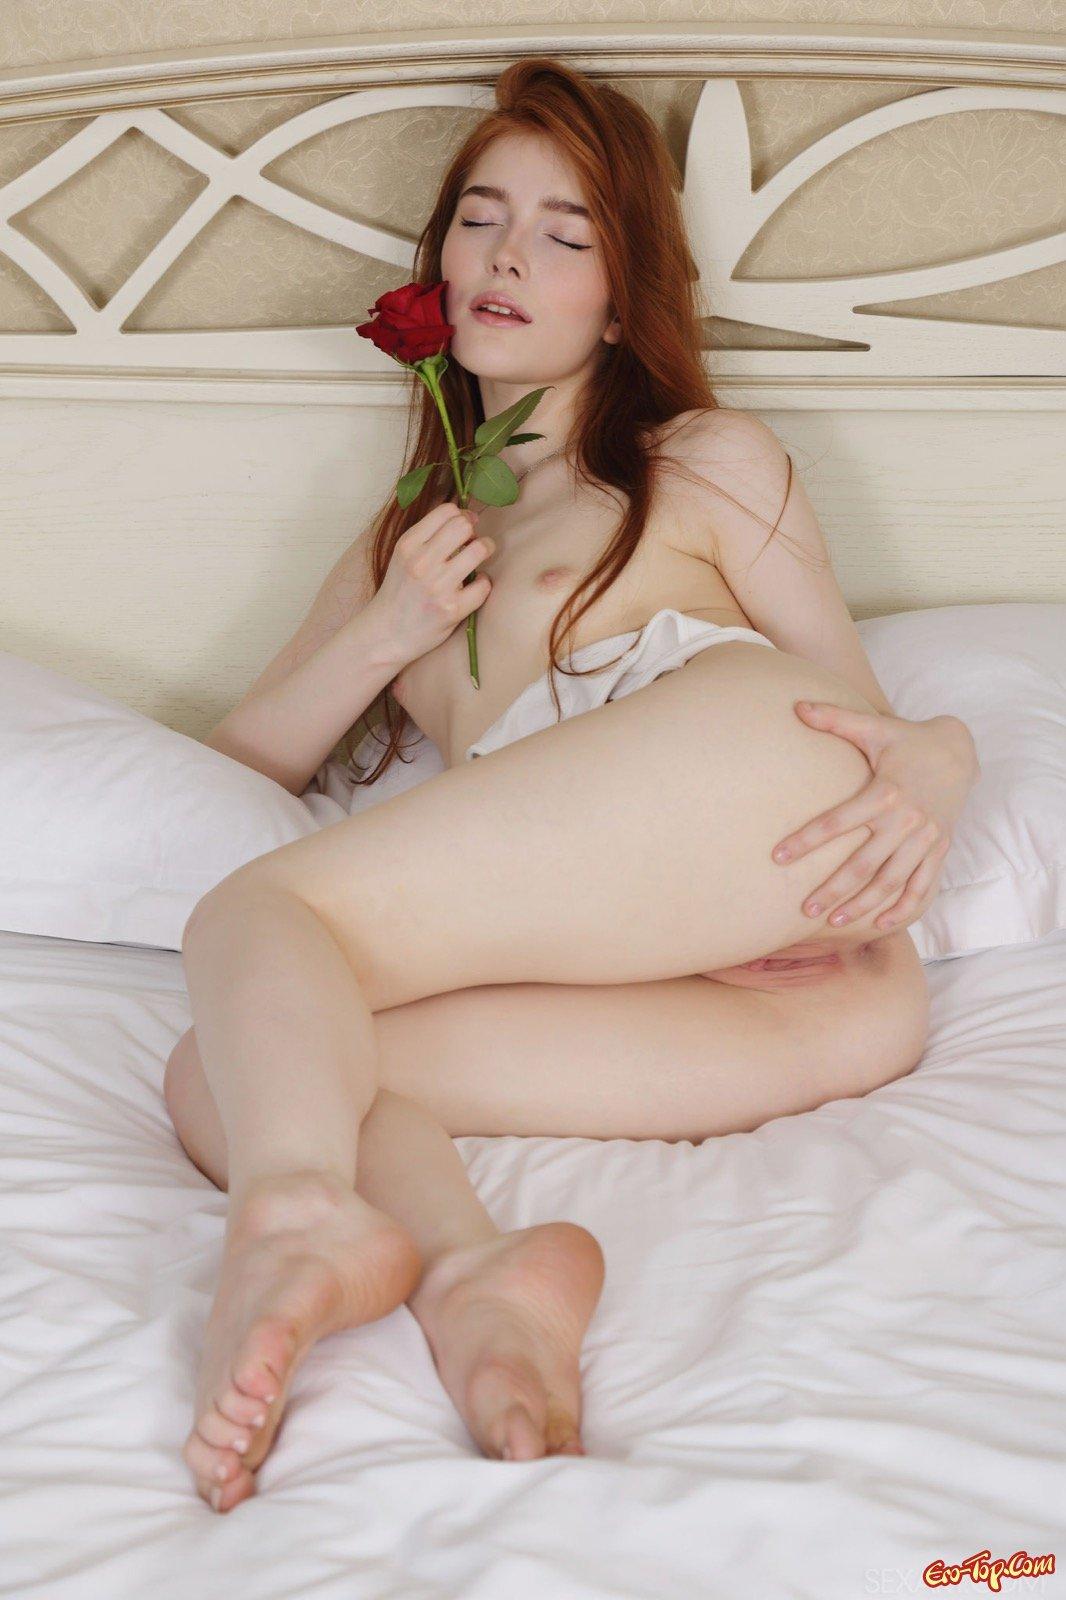 Нагая рыженькая девка с лохматой пилоткой в кровати